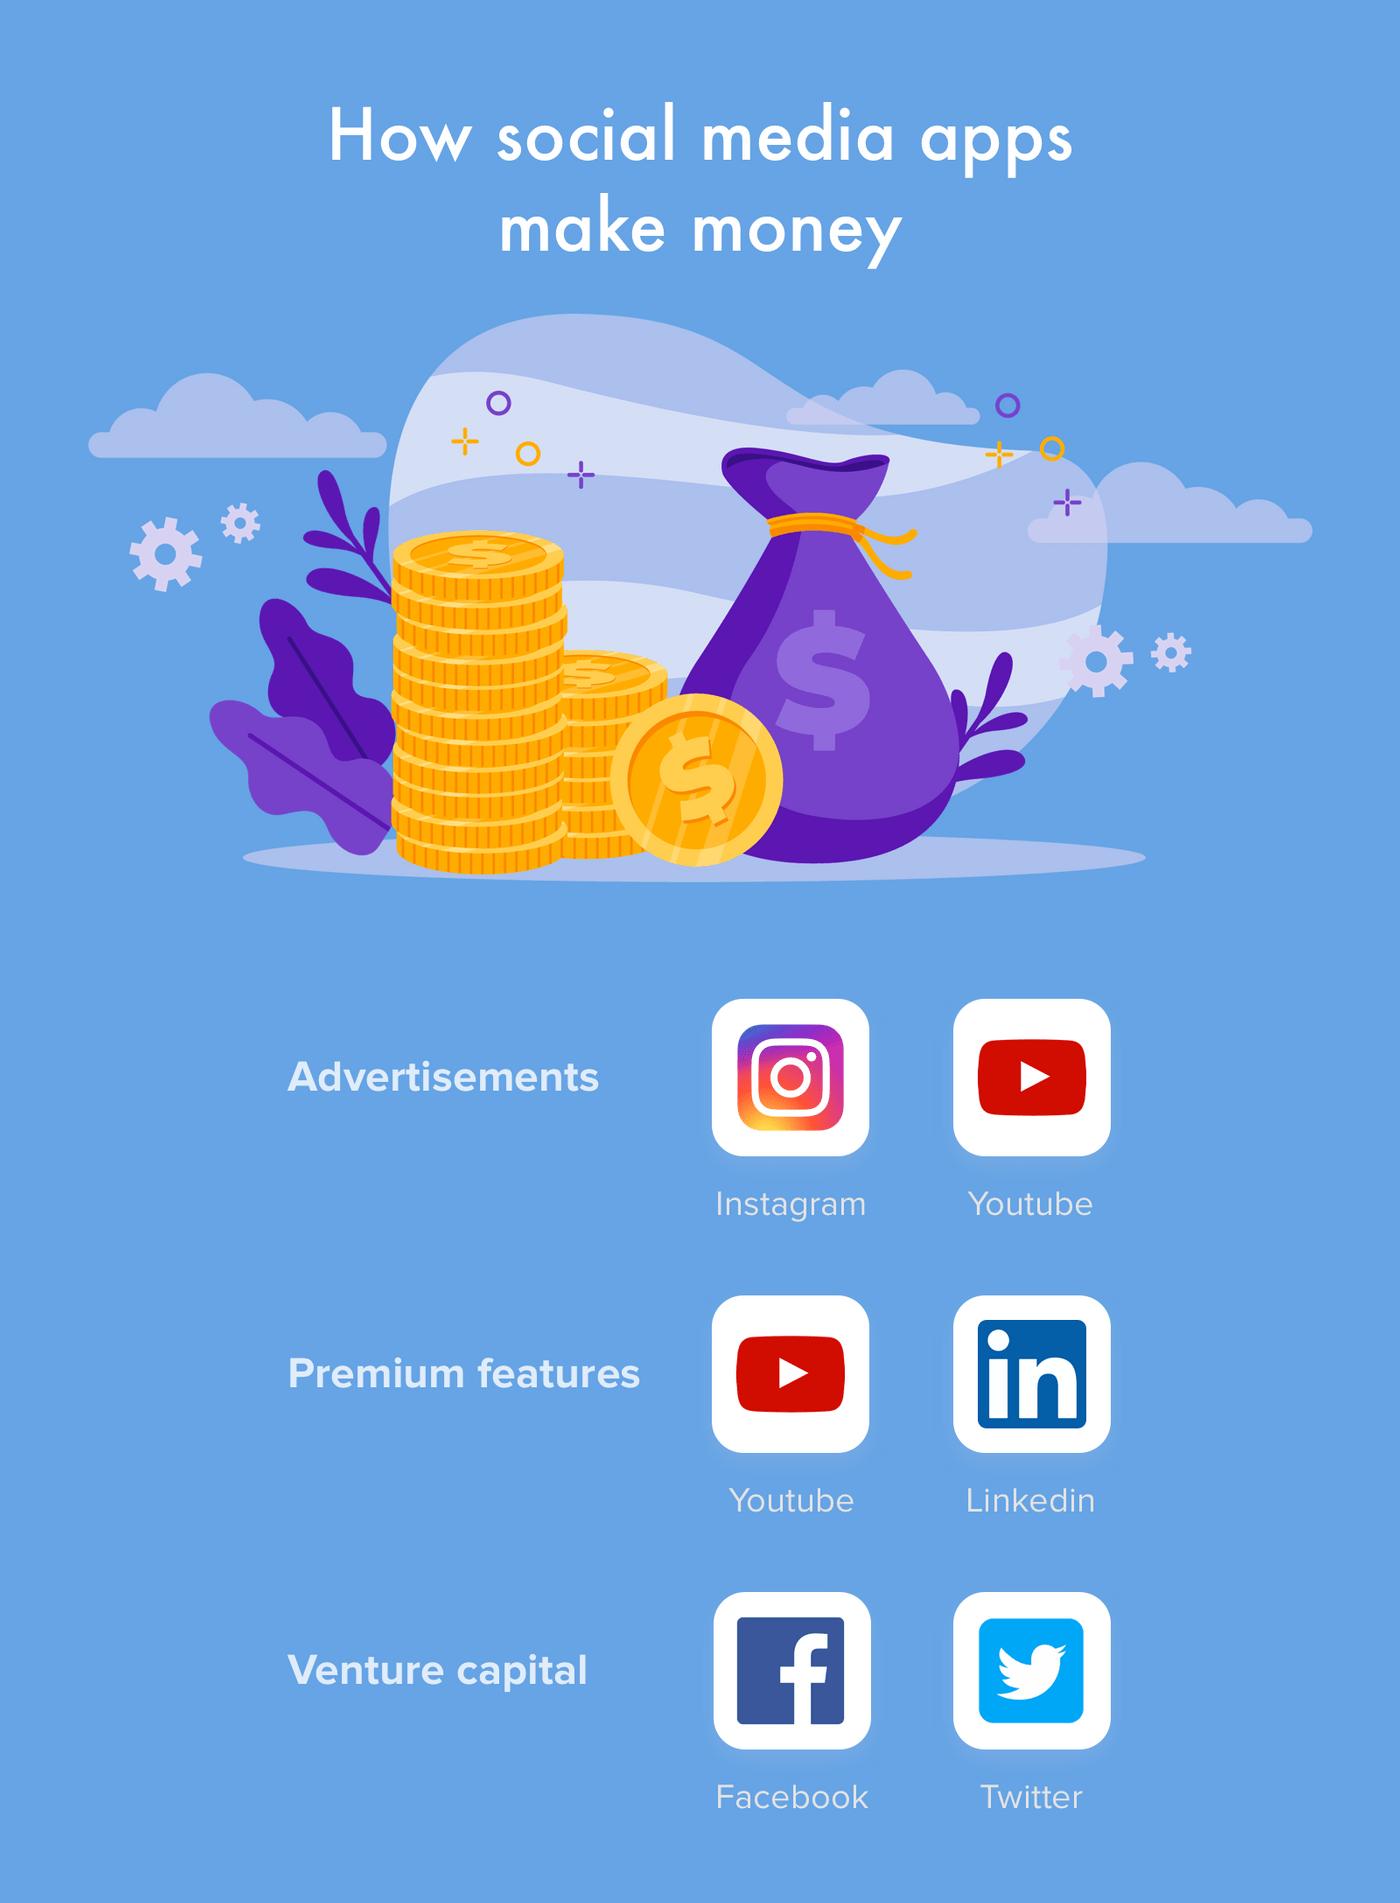 How social media apps make money